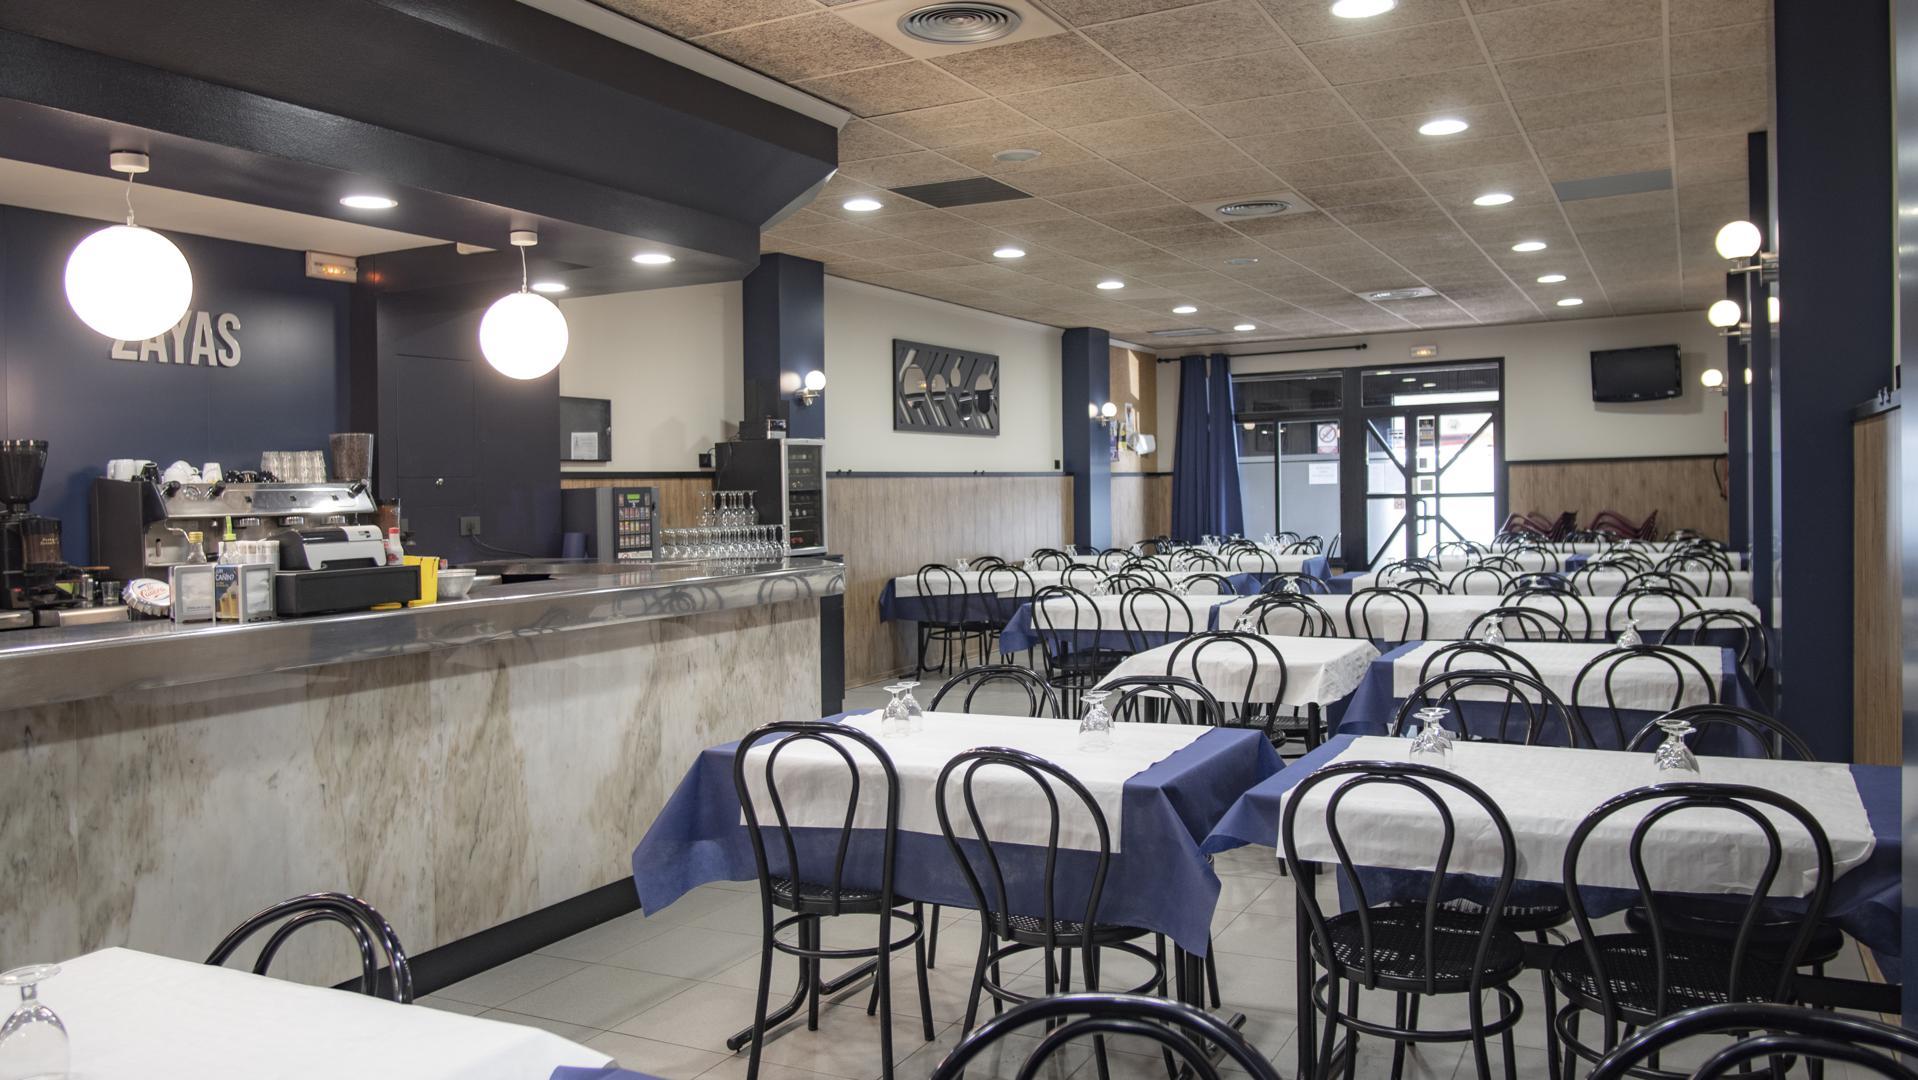 P1040642 1918x1080 - Reforma Restaurante ZAYAS - La Vilavella